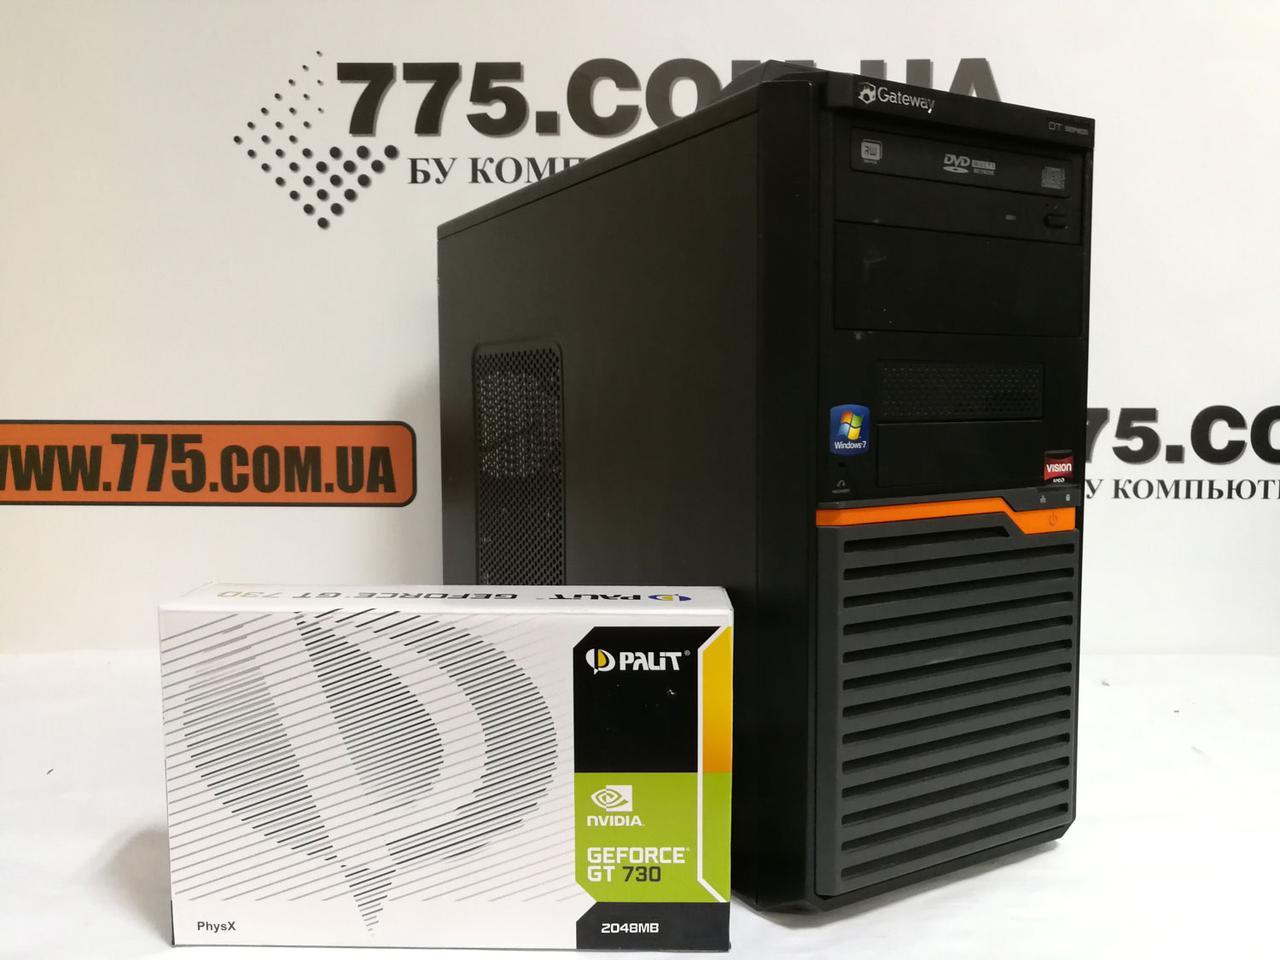 Игровой компьютер Gateway DT55, AMD Athlon II x2 3.2GHz, RAM 6ГБ, HDD 320ГБ,GF GT 730 2GB DDR5, гарантия 6 мес